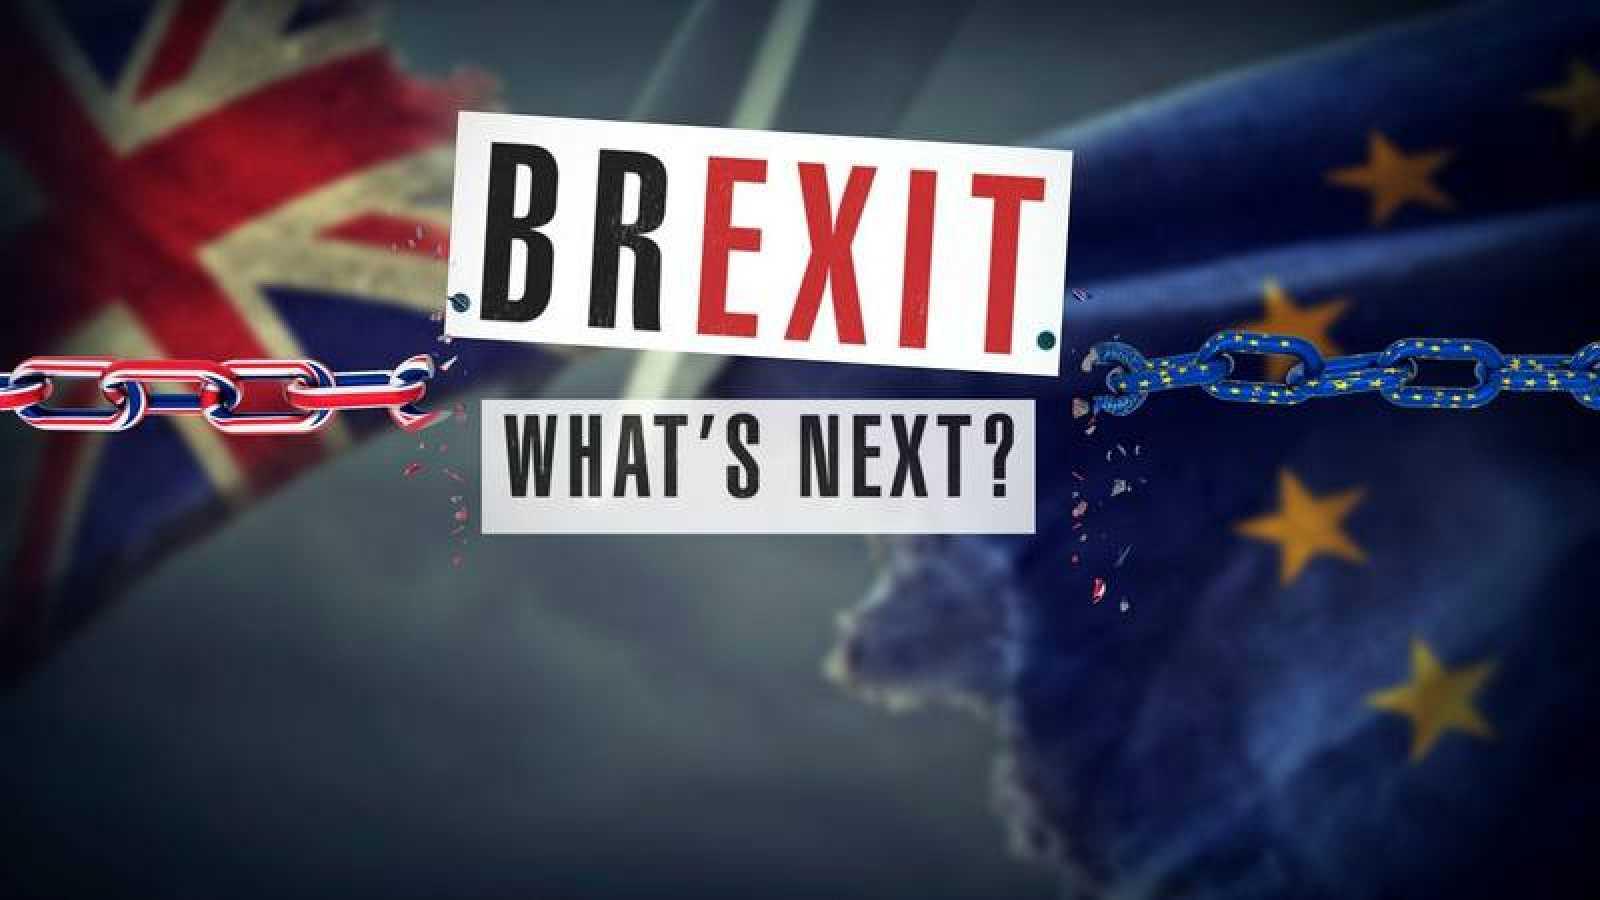 Llegó el Brexit | ¿Qué ocurrirá ahora?